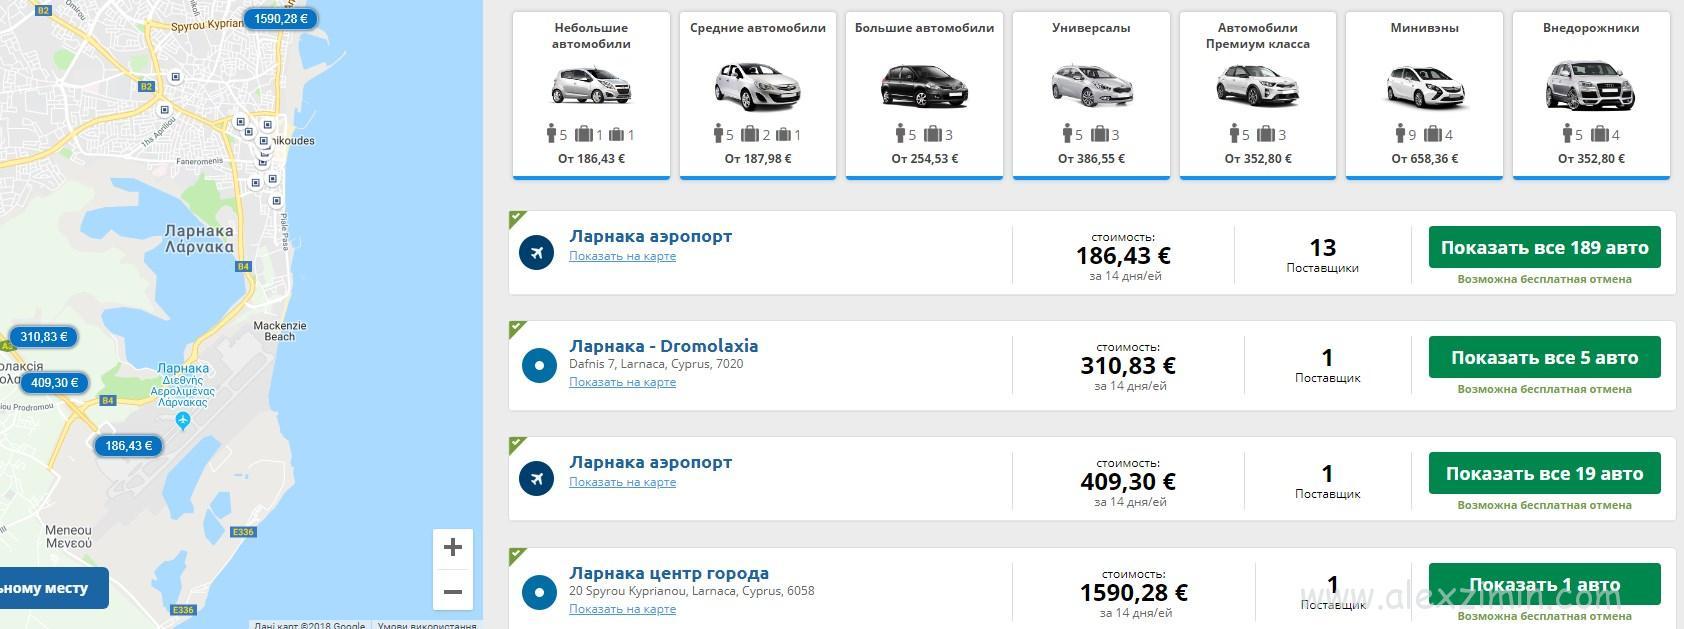 Лучшие цены на Ренталкарс именно в аэропорту Ларнака